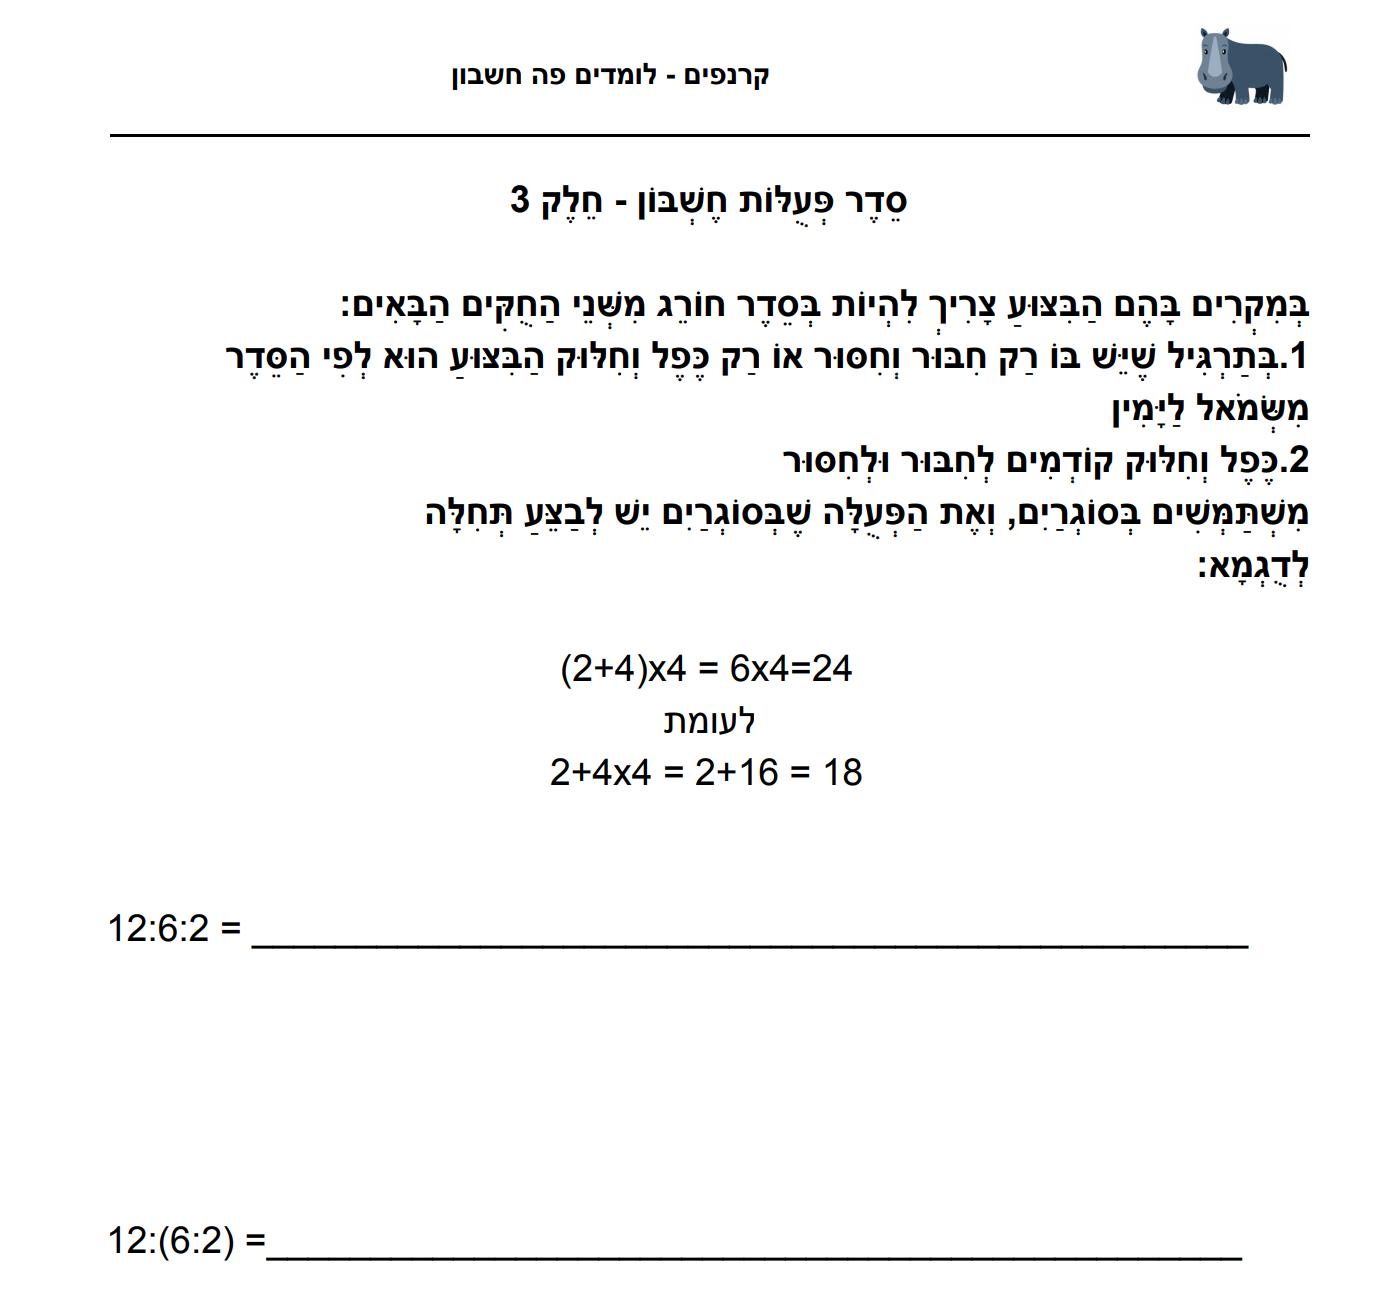 תירגול בנושא סדר פעולות חשבון - תרגילים לתלמידי כיתות ג׳